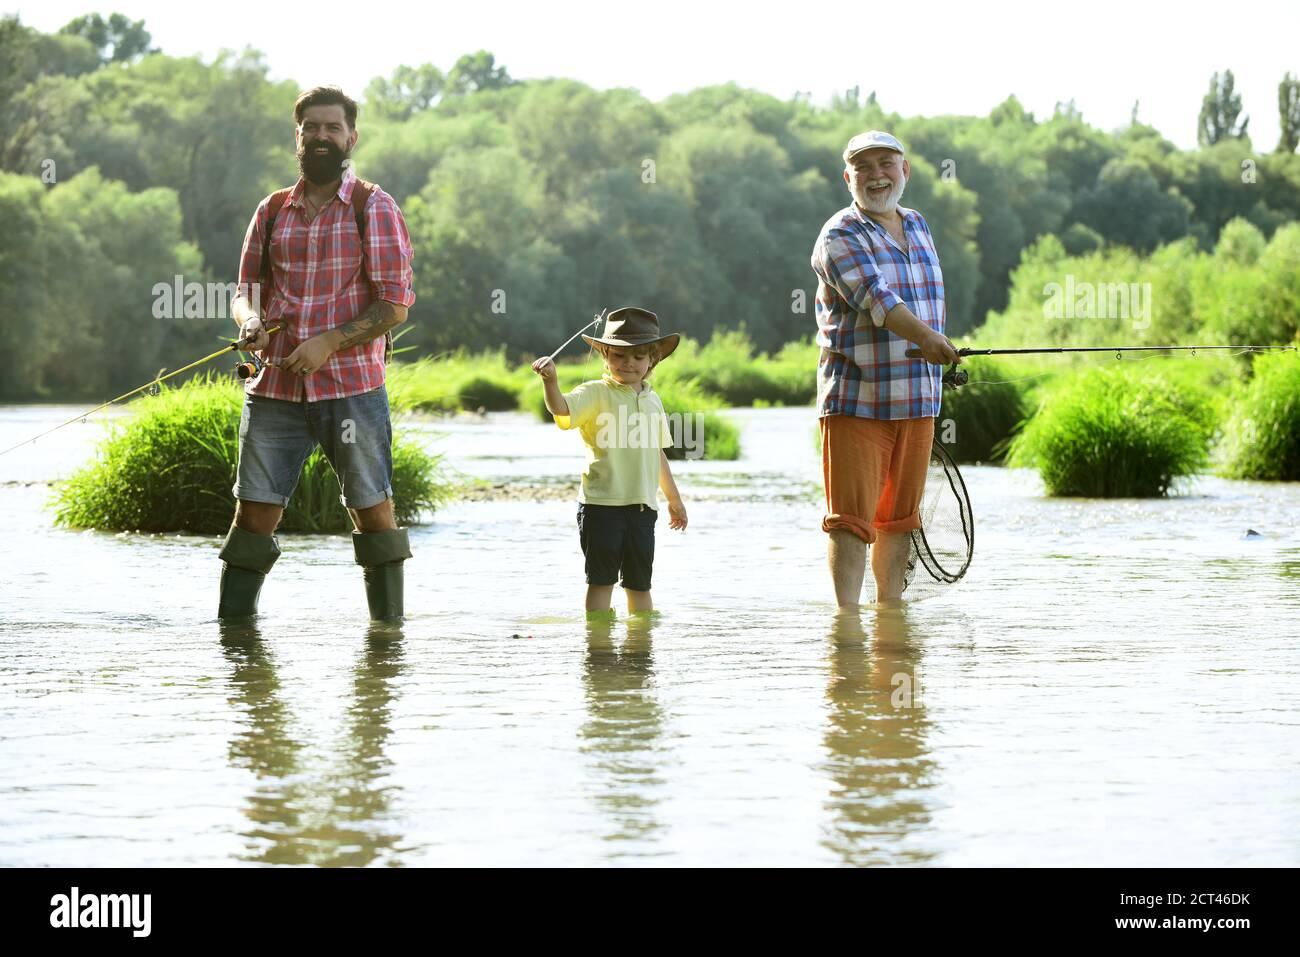 Großvater, Vater und Enkel fischen zusammen. Angeln. Glückliche Menschen Familie haben Angeln und Spaß zusammen. Fliegenfischen. Stockfoto